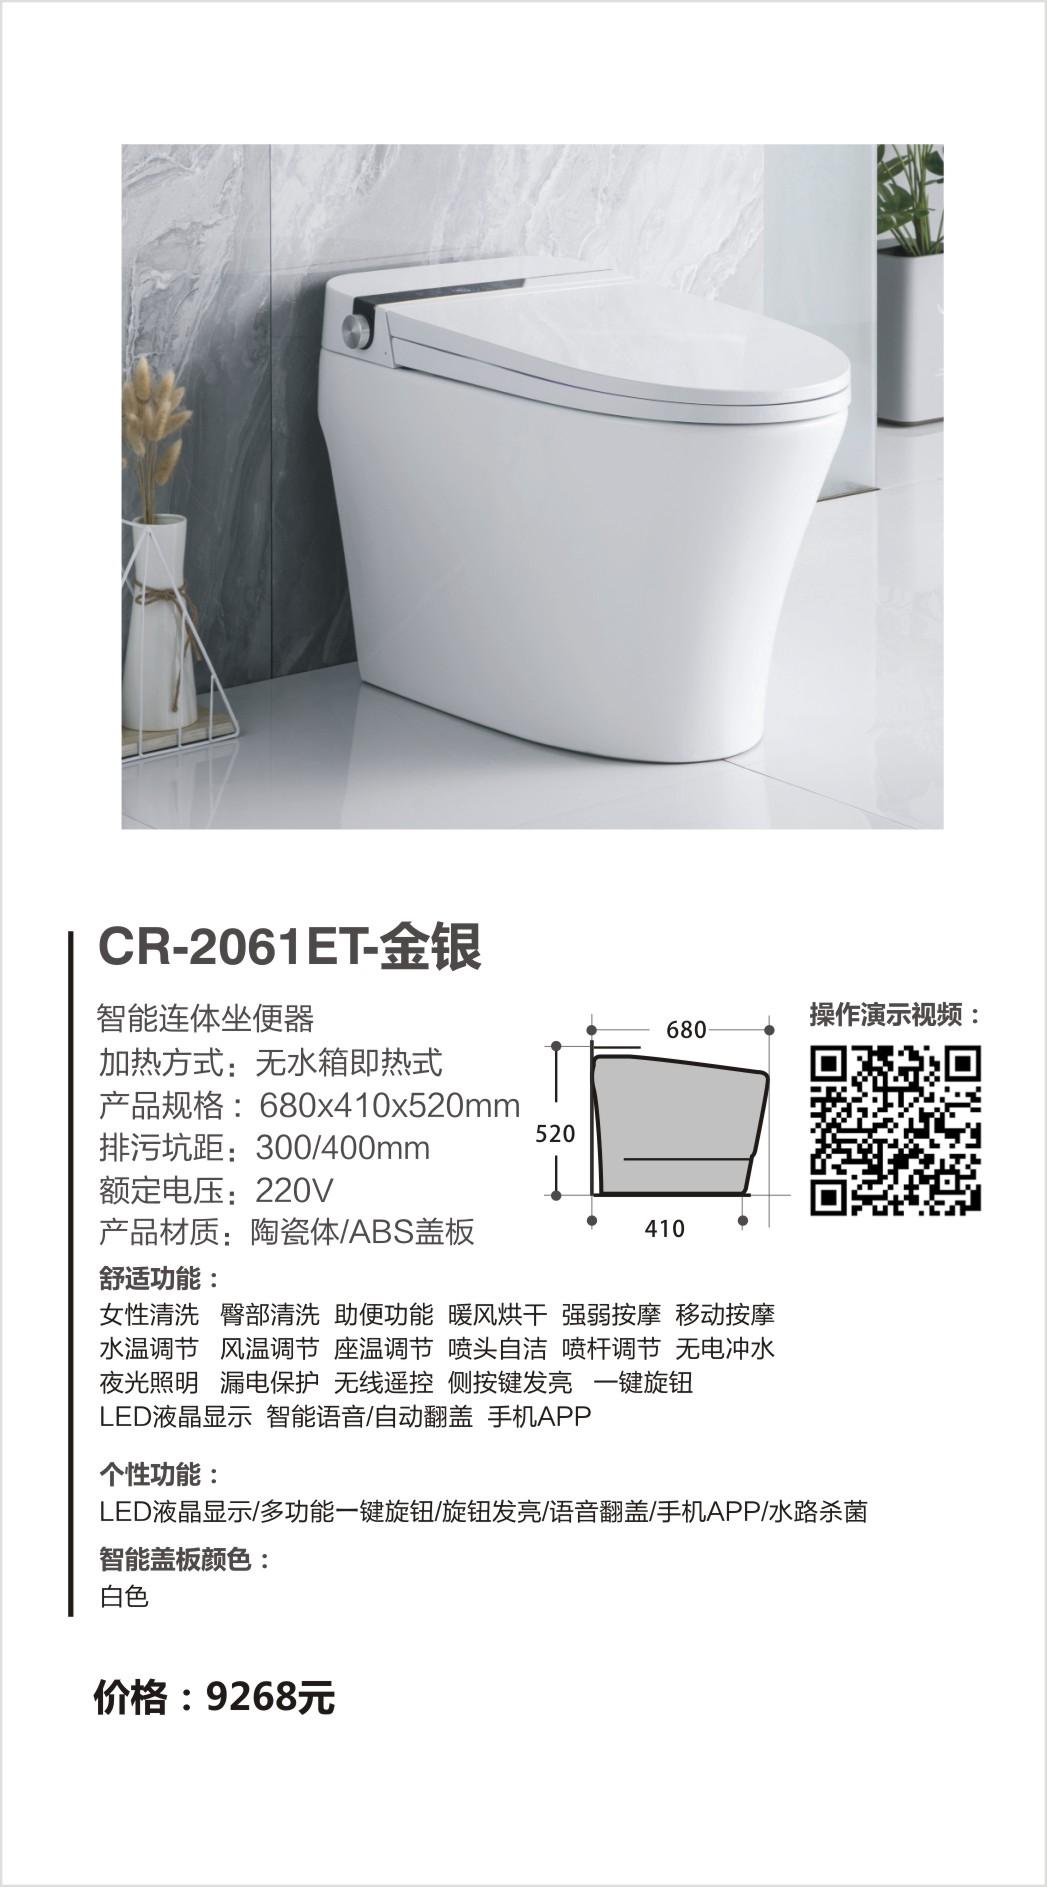 超人(chaoren)卫浴系列只能马桶CR-2061ET-J金银